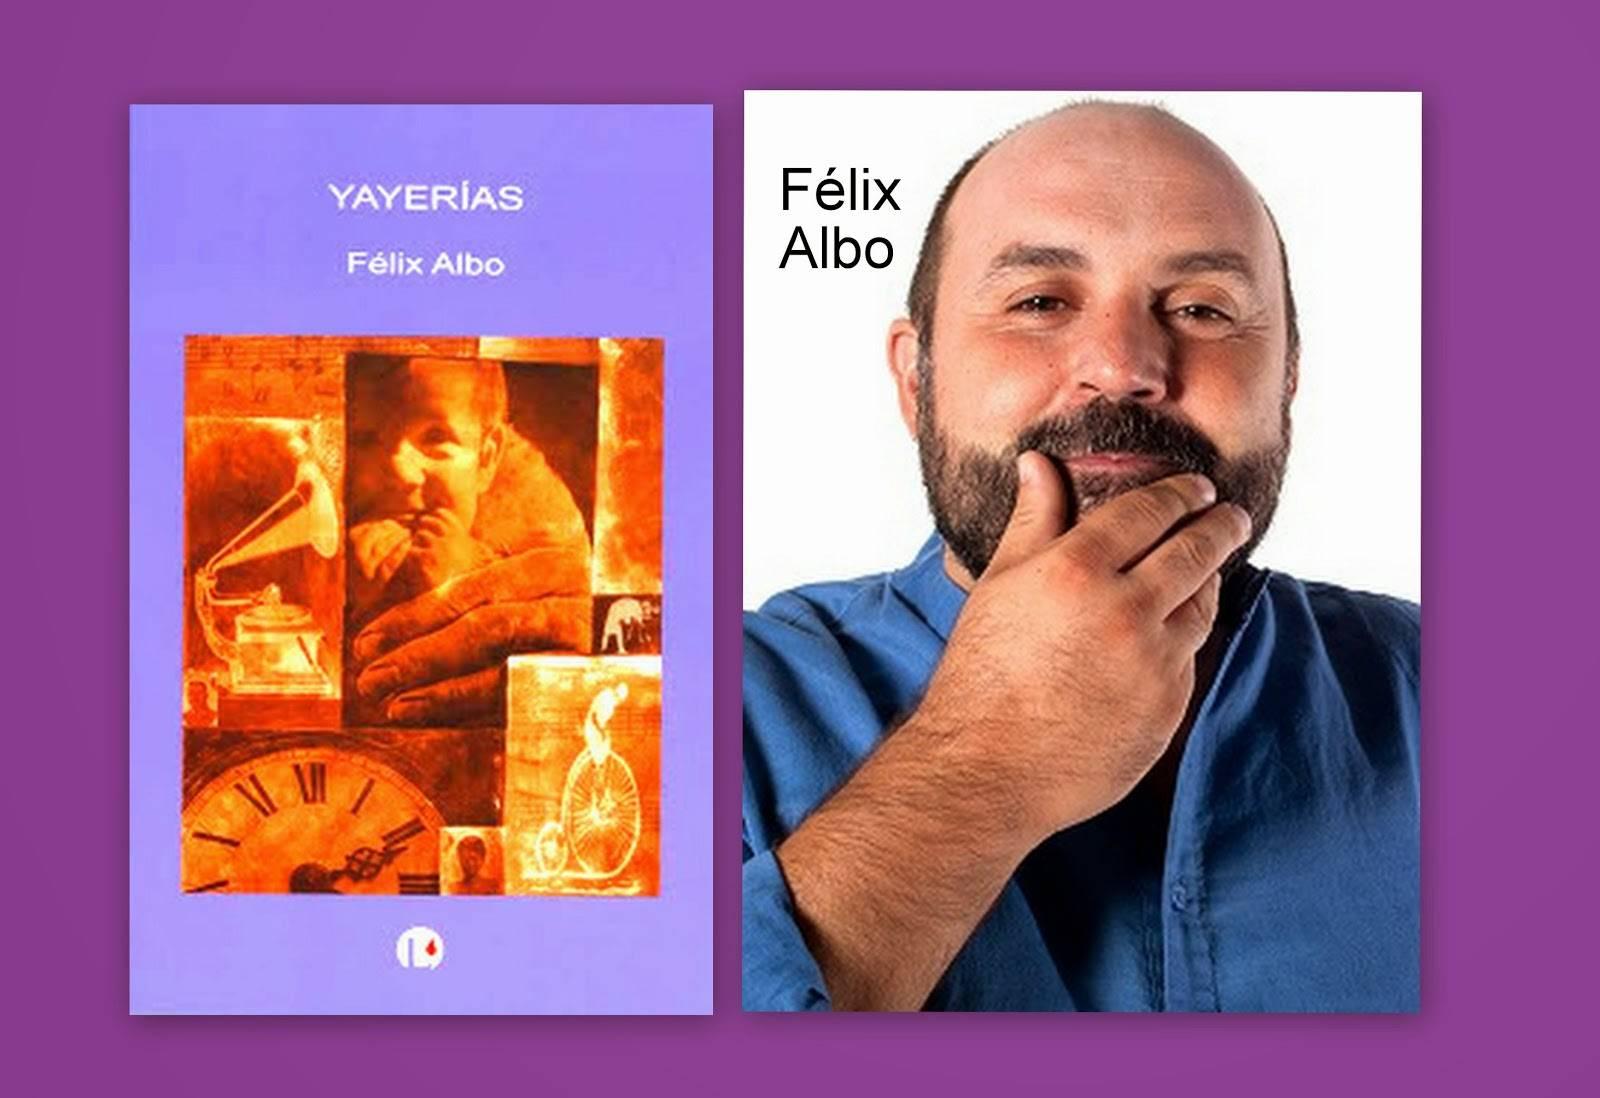 felix albo en herencia - Felix Albo participará en la X Gala del Lector en el auditorio